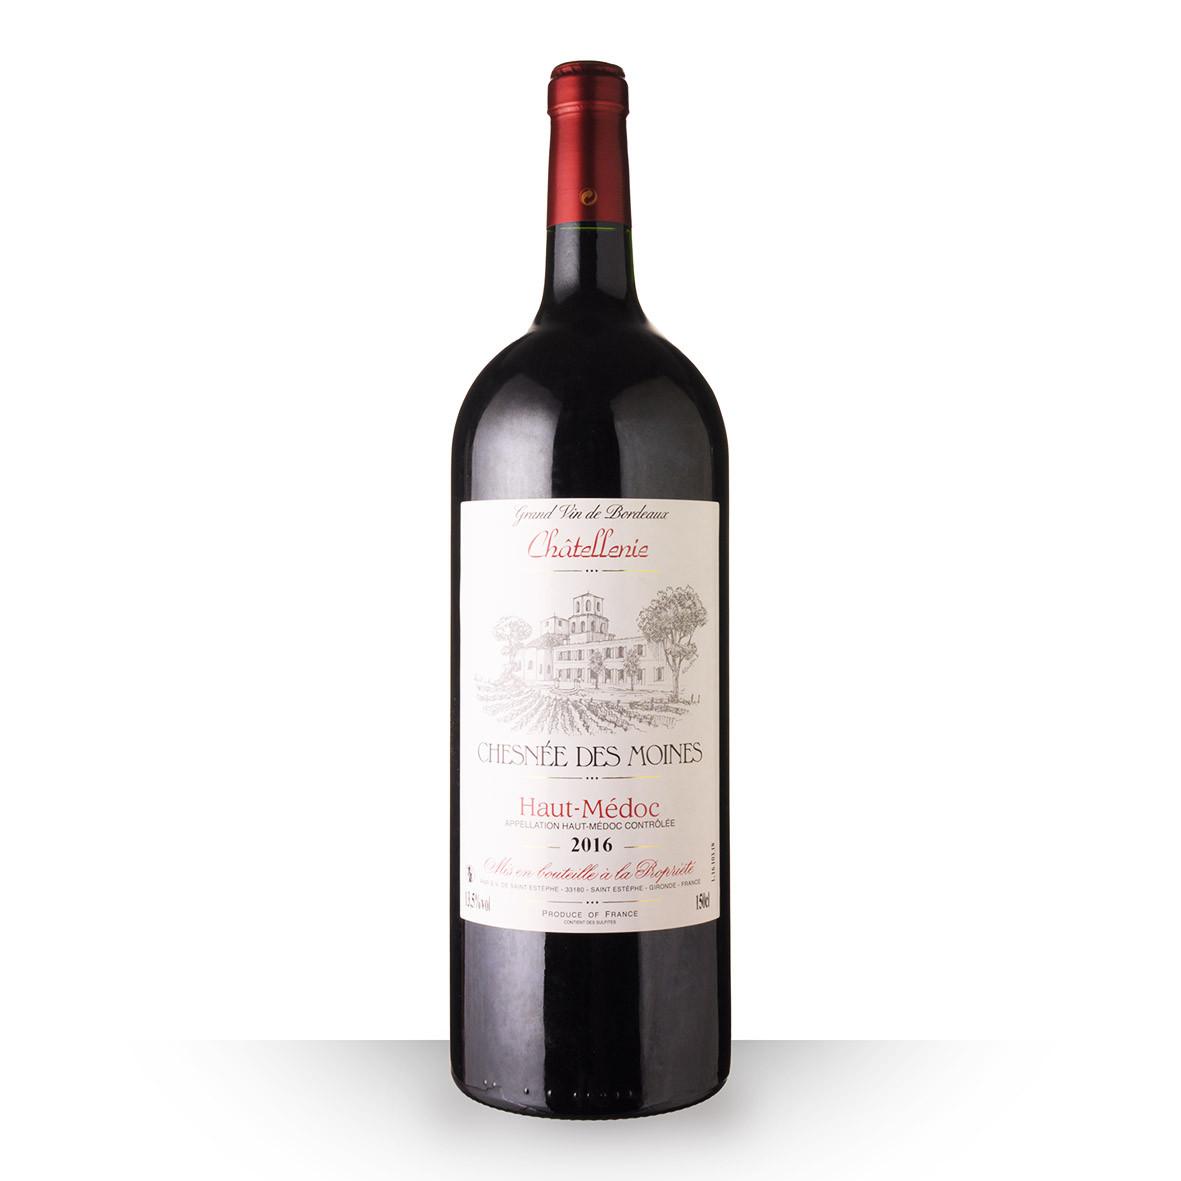 Chesnée des Moines Haut-Médoc Rouge 2016 150cl www.odyssee-vins.com